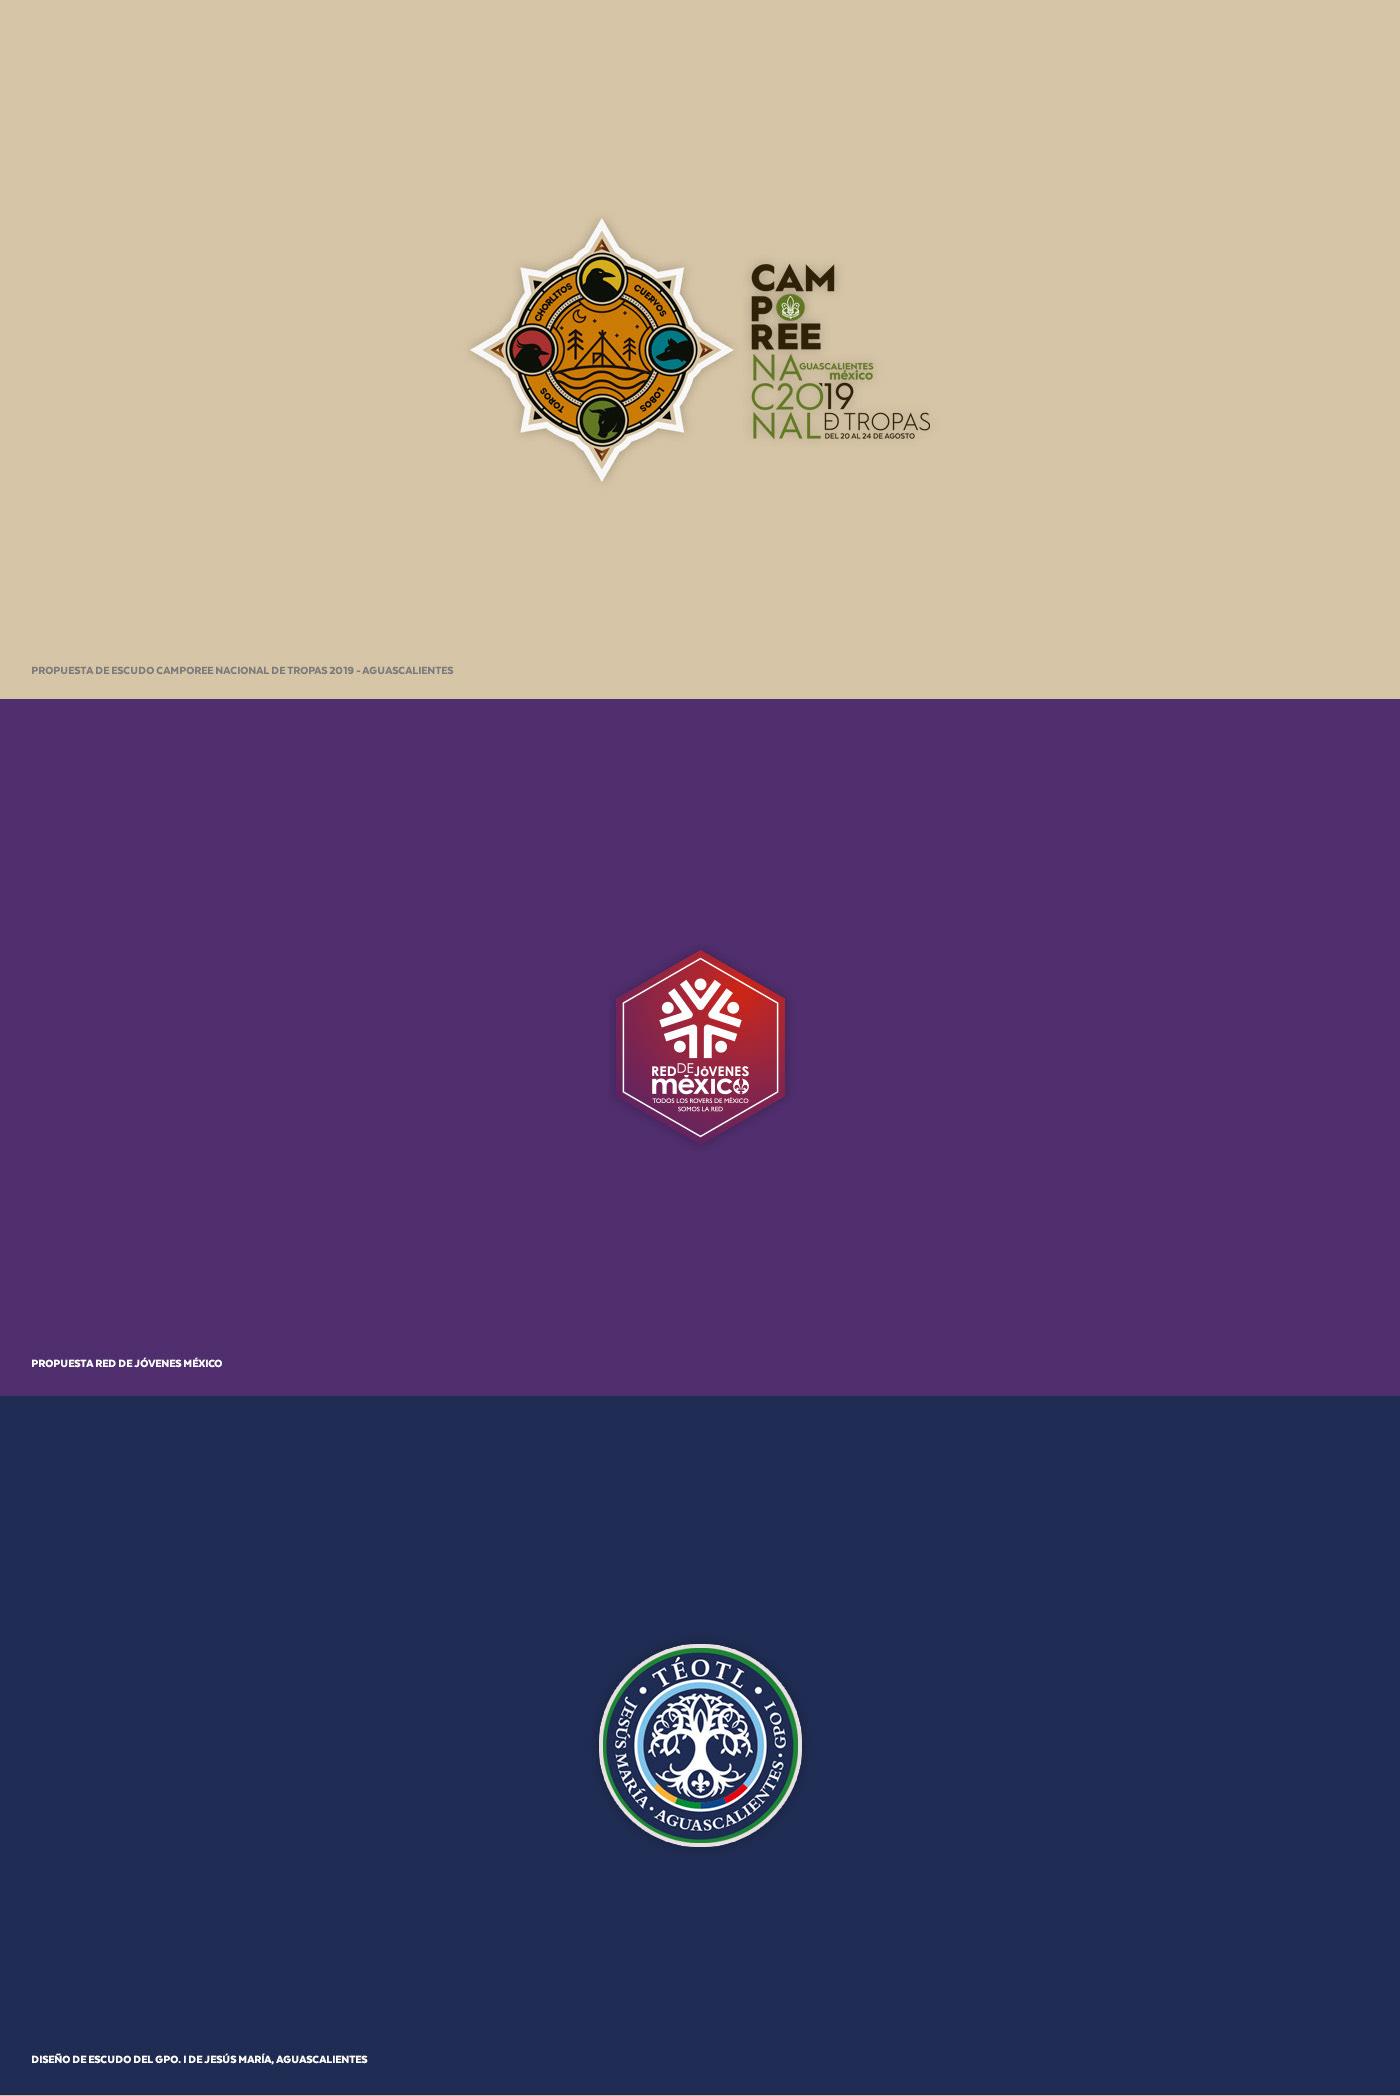 scout asmac miguel colunga webgrafico aguascalientes mexico Campismo   provincia